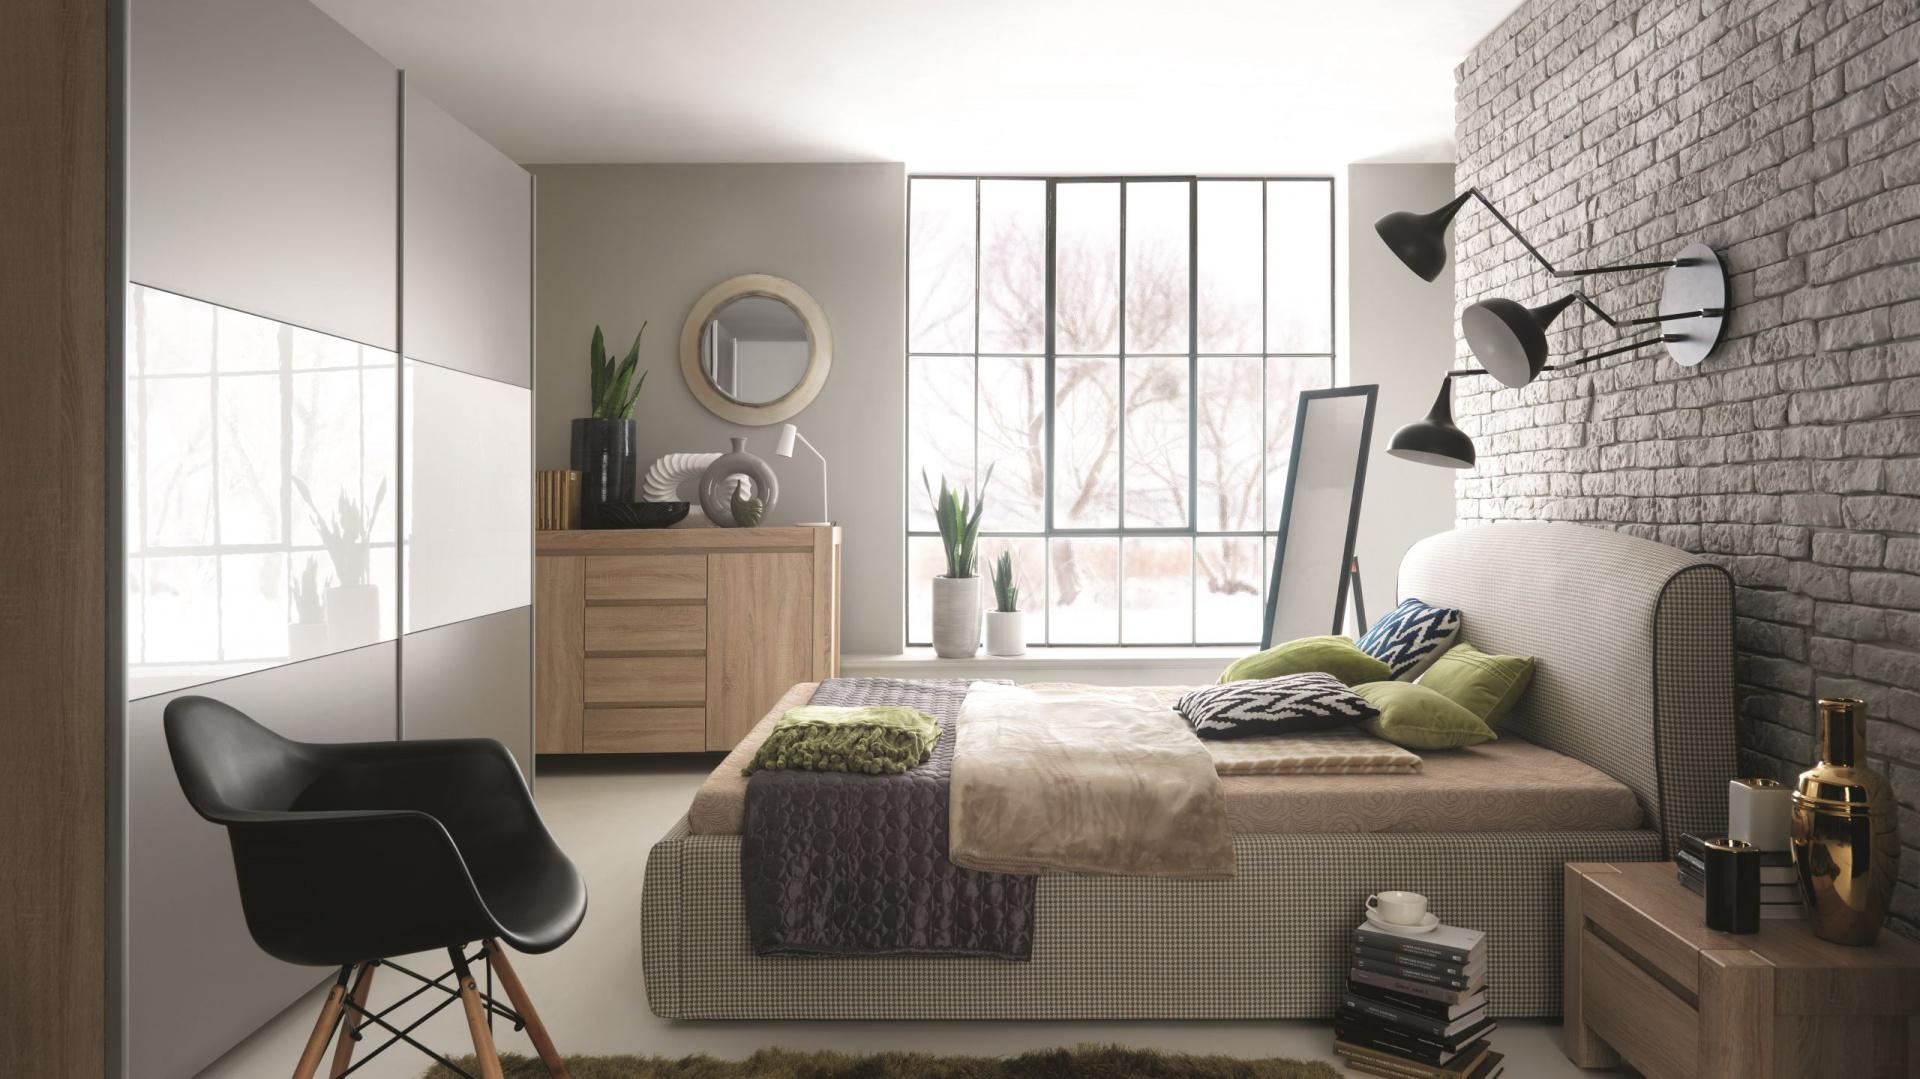 Sypialnia Alice2 z katalogu Black Red White:  łoże Alice  tapicerowane tkaniną z modnym wzorem w pepitkę. Fot. Black Red White